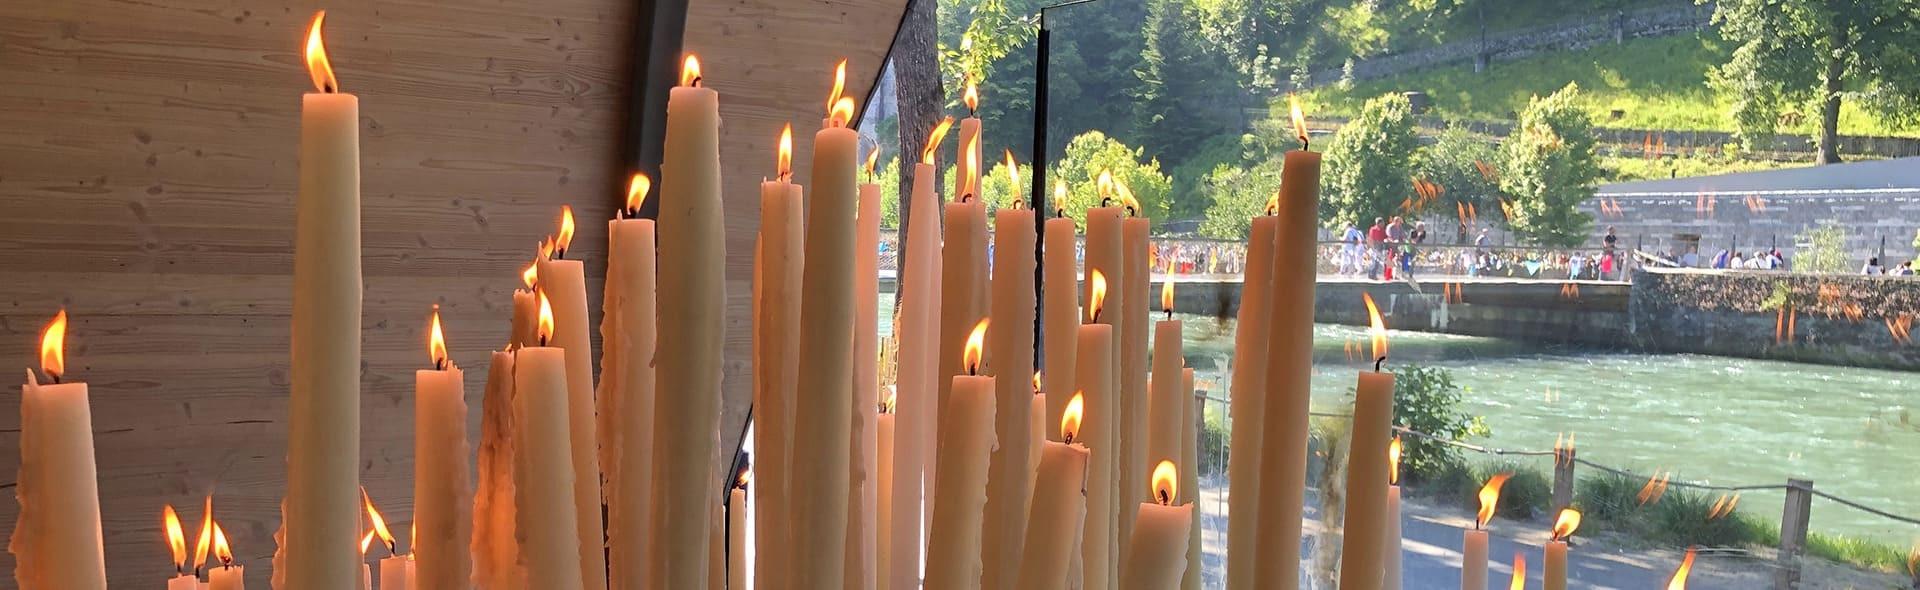 Pellegrinaggio a Lourdes dal Nord in Pullman Maggio